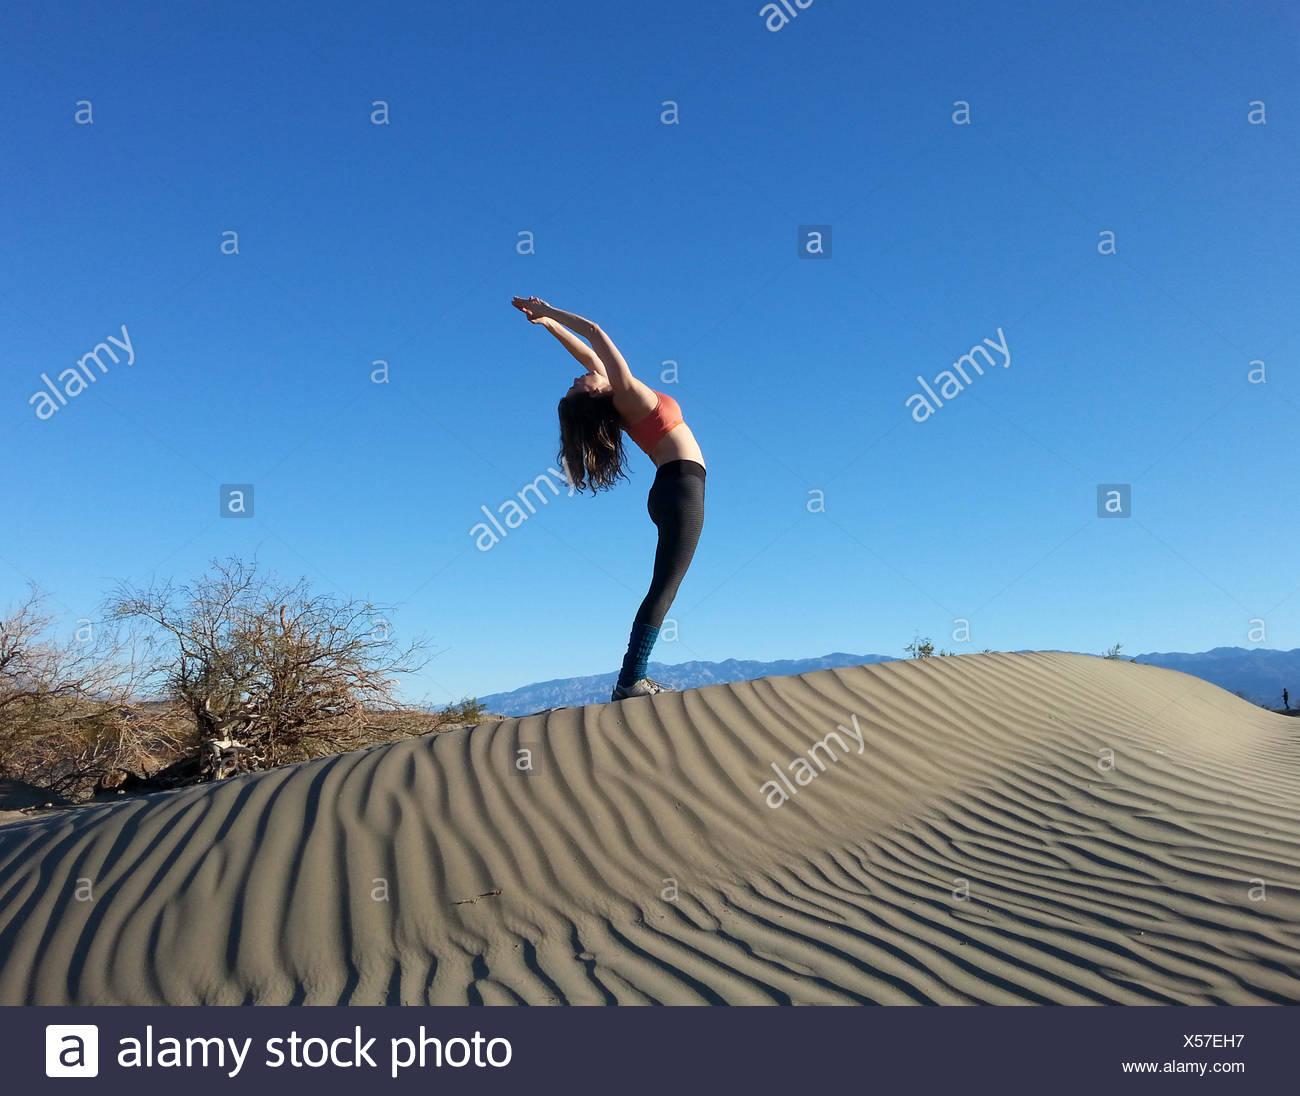 Las mujeres haciendo doblarla sobre la duna de arena, el Parque Nacional Valle de la Muerte, California, Estados Unidos, EE.UU. Imagen De Stock